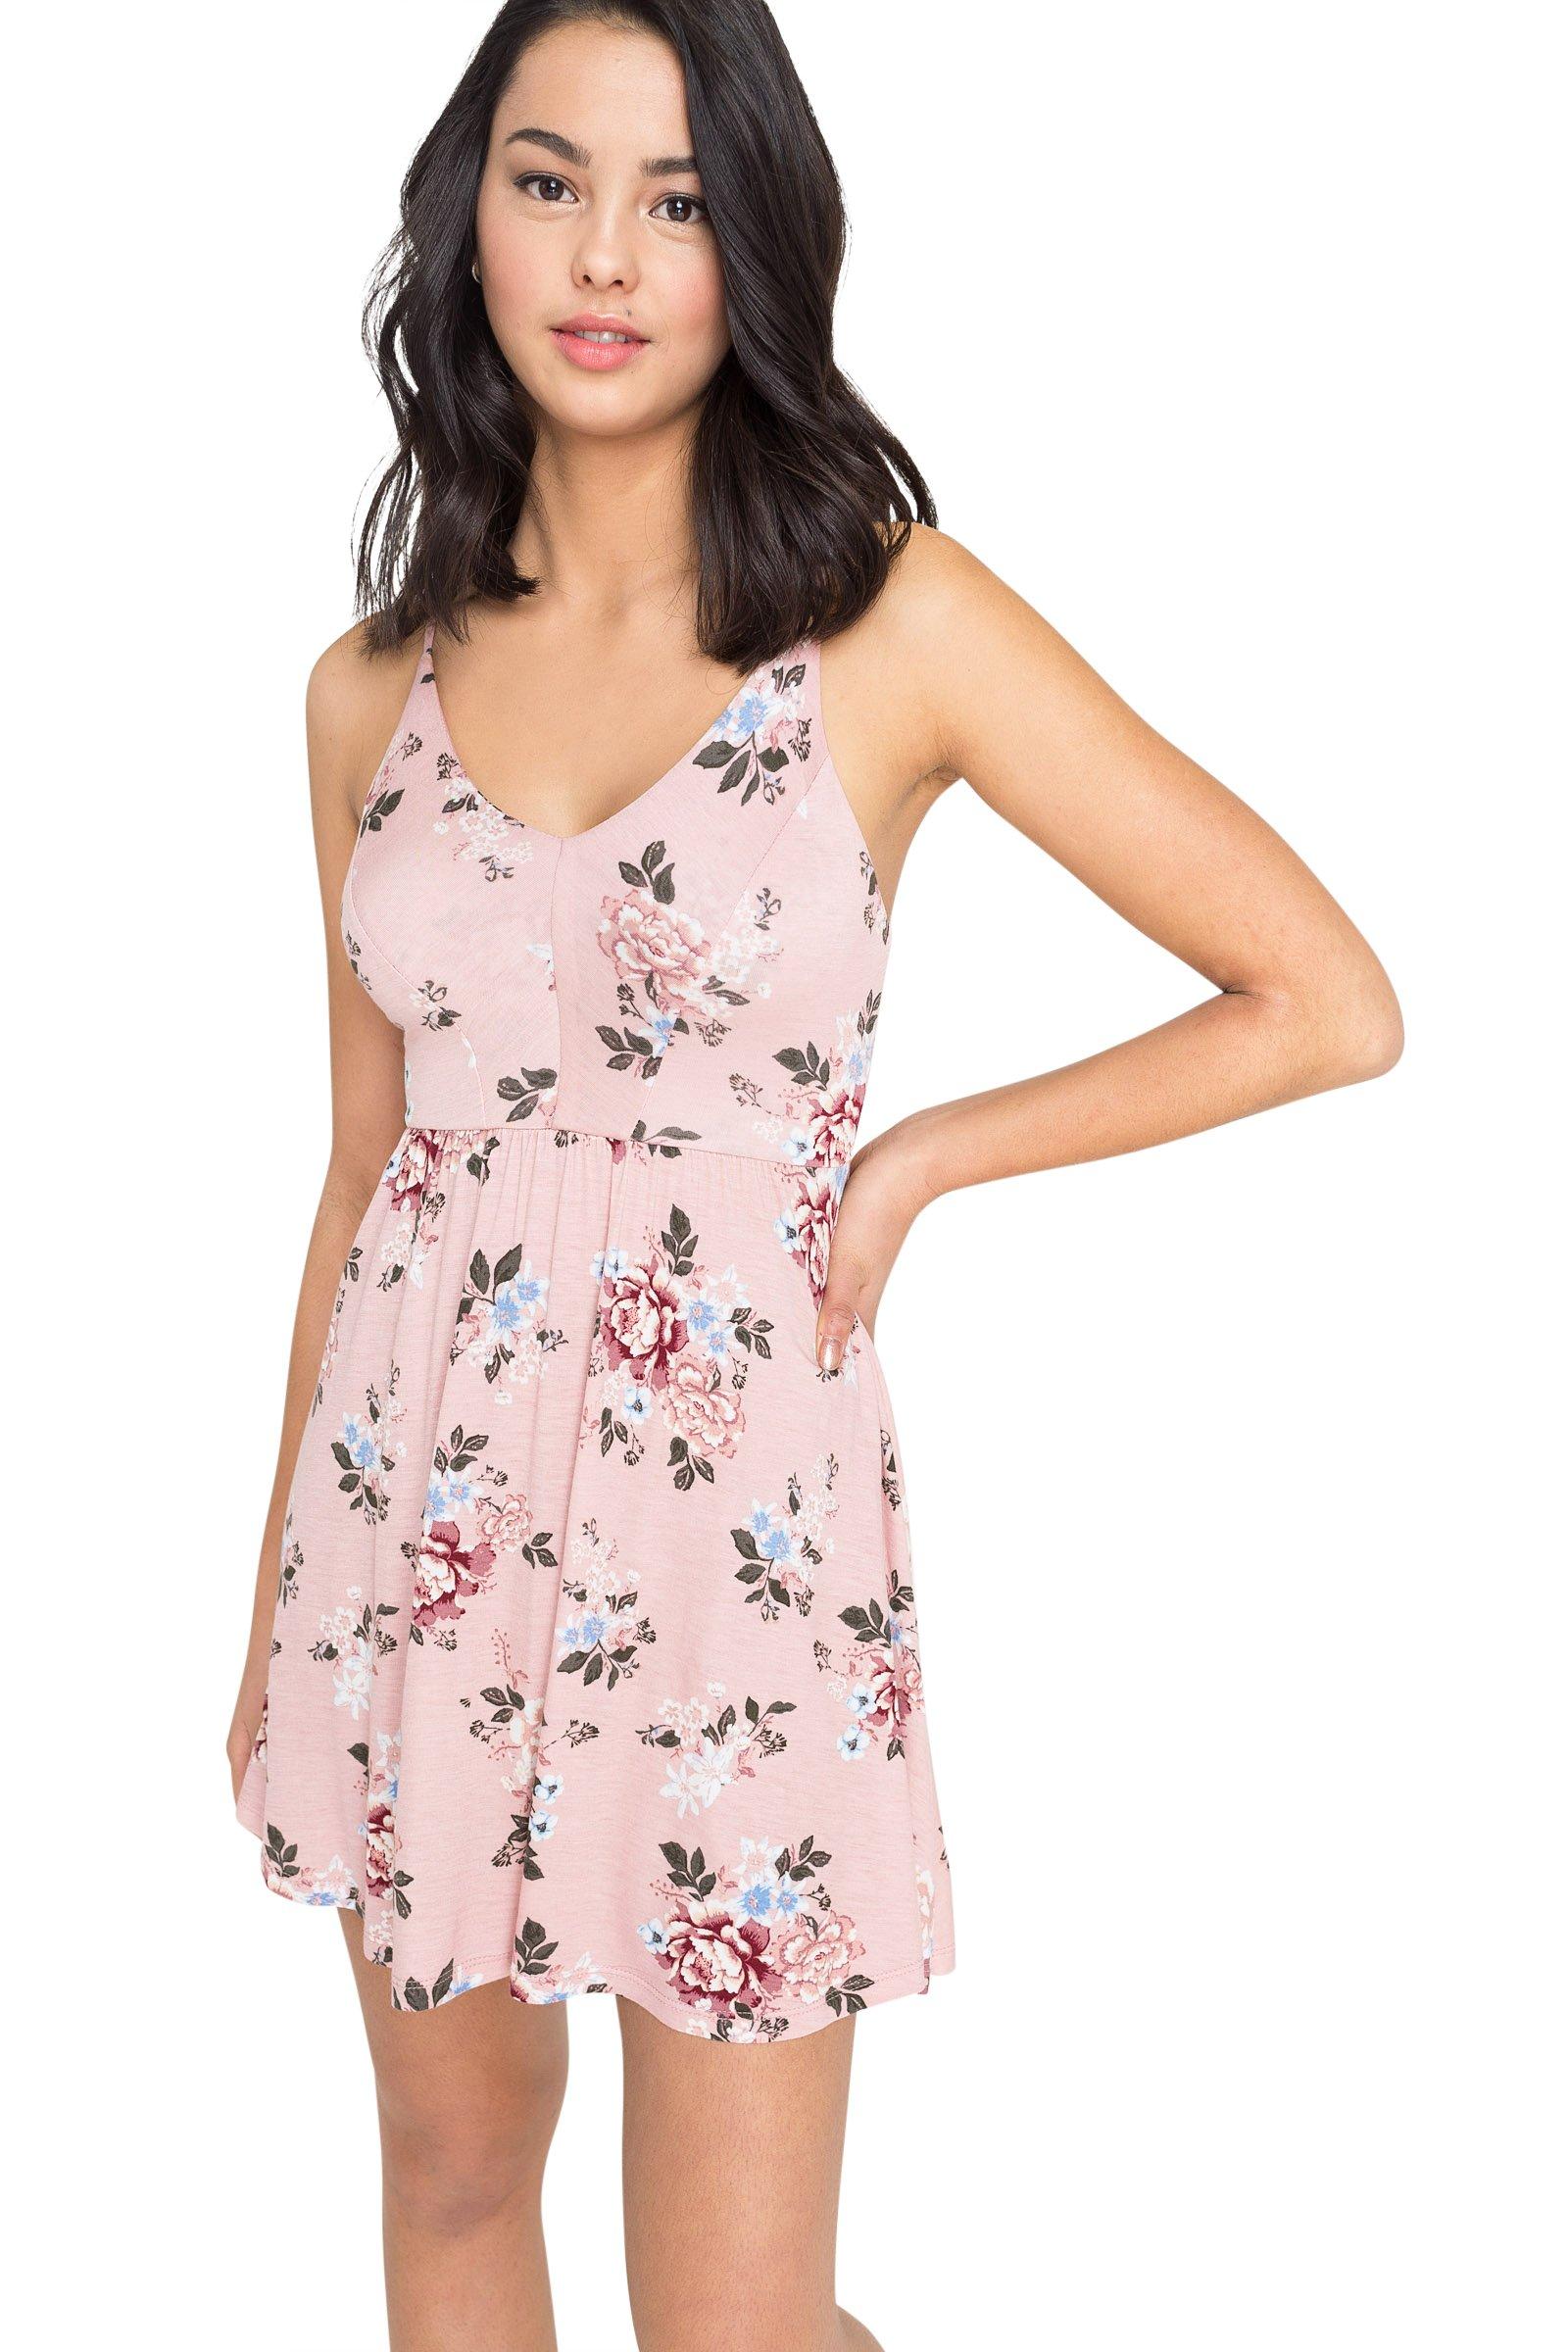 Ardene Women's - Mini Dresses - Fine Knit Mini Dress Large -(8A-AP02399)